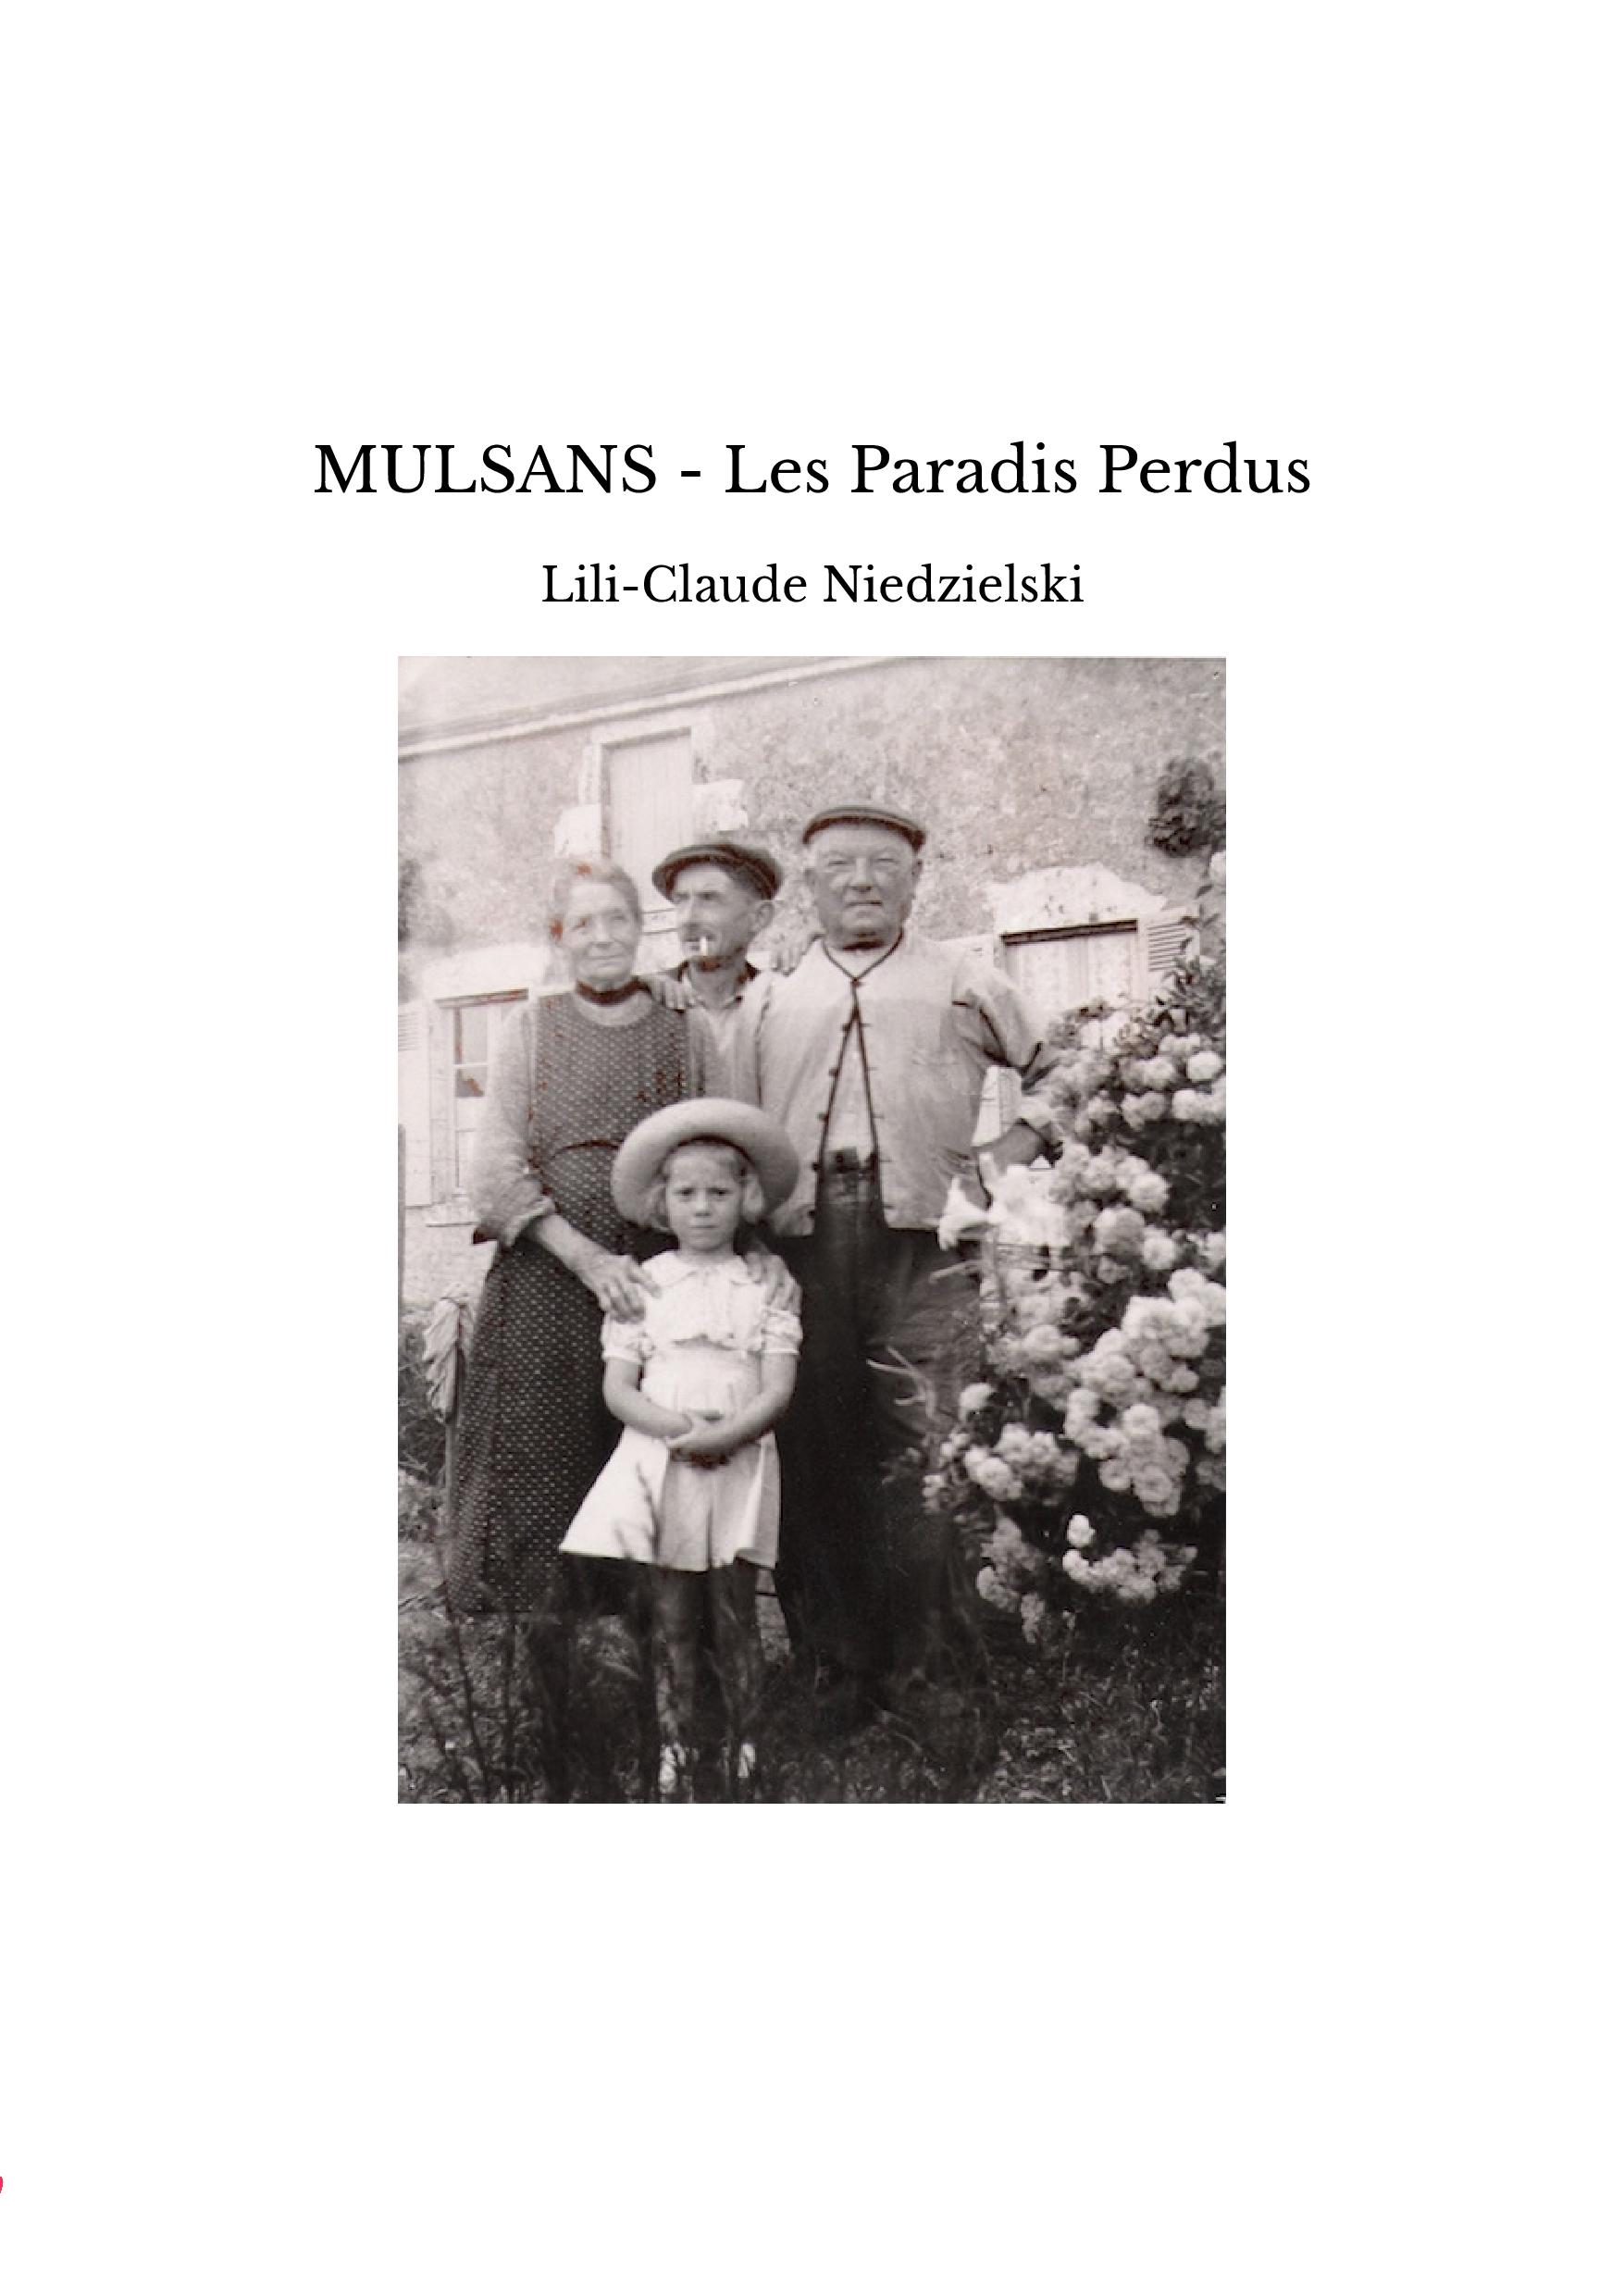 MULSANS - Les Paradis Perdus